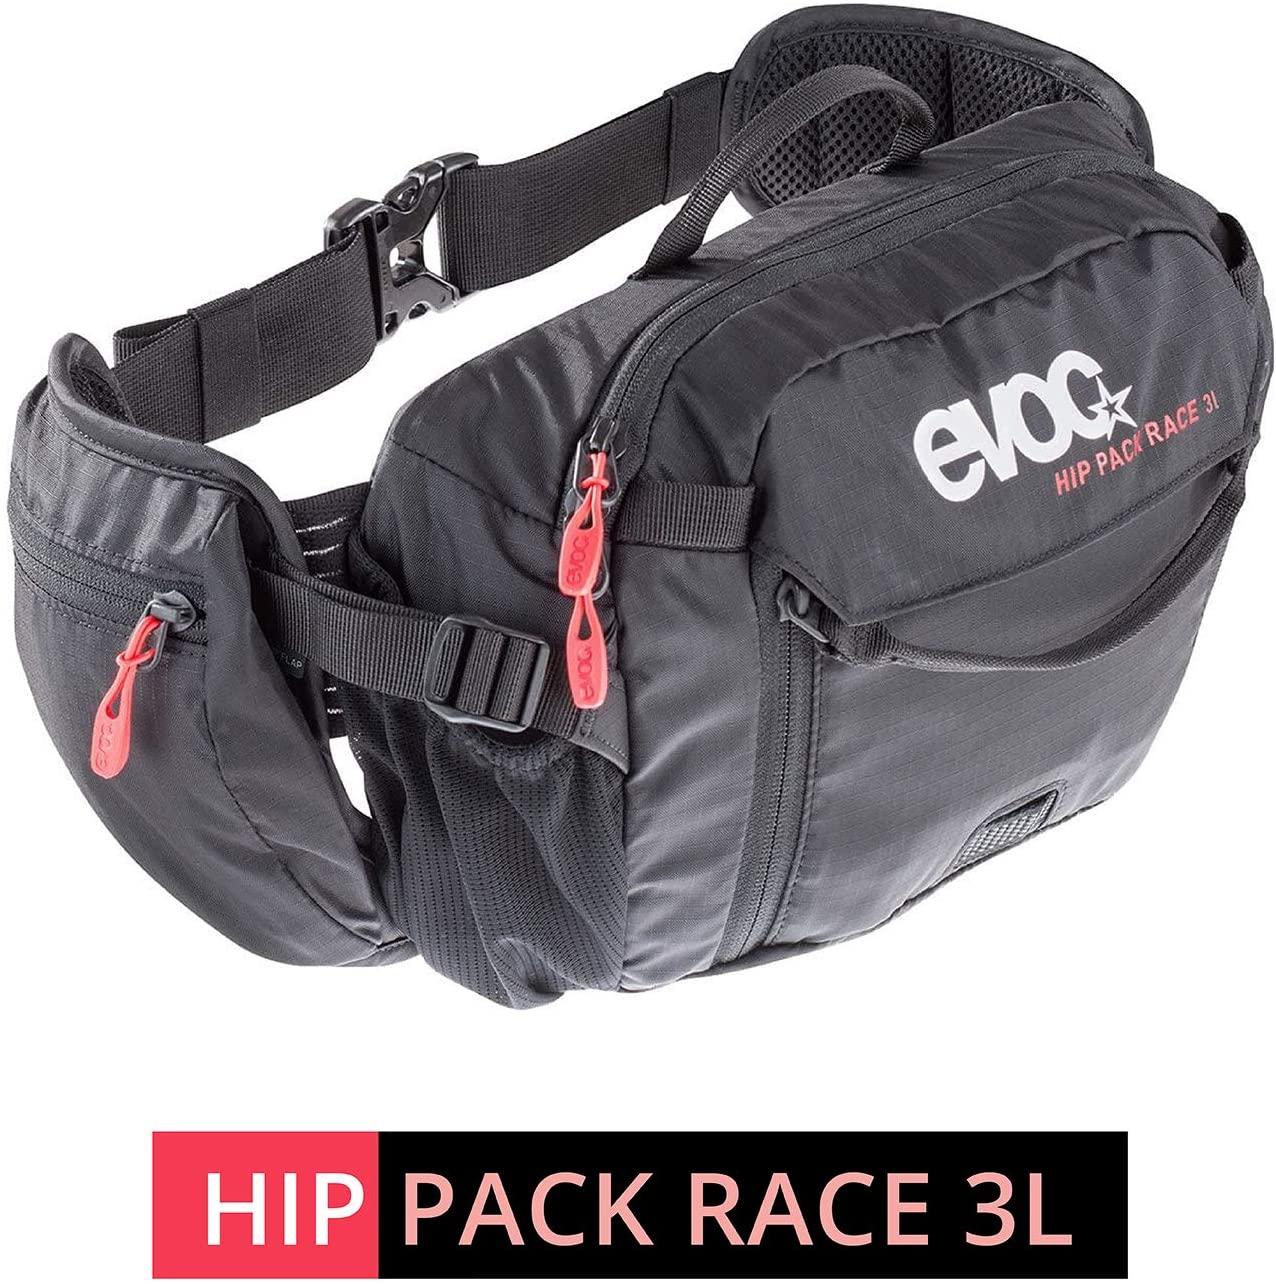 Evoc Hip Pack Race 3L with 1.5L Bladder Black Black